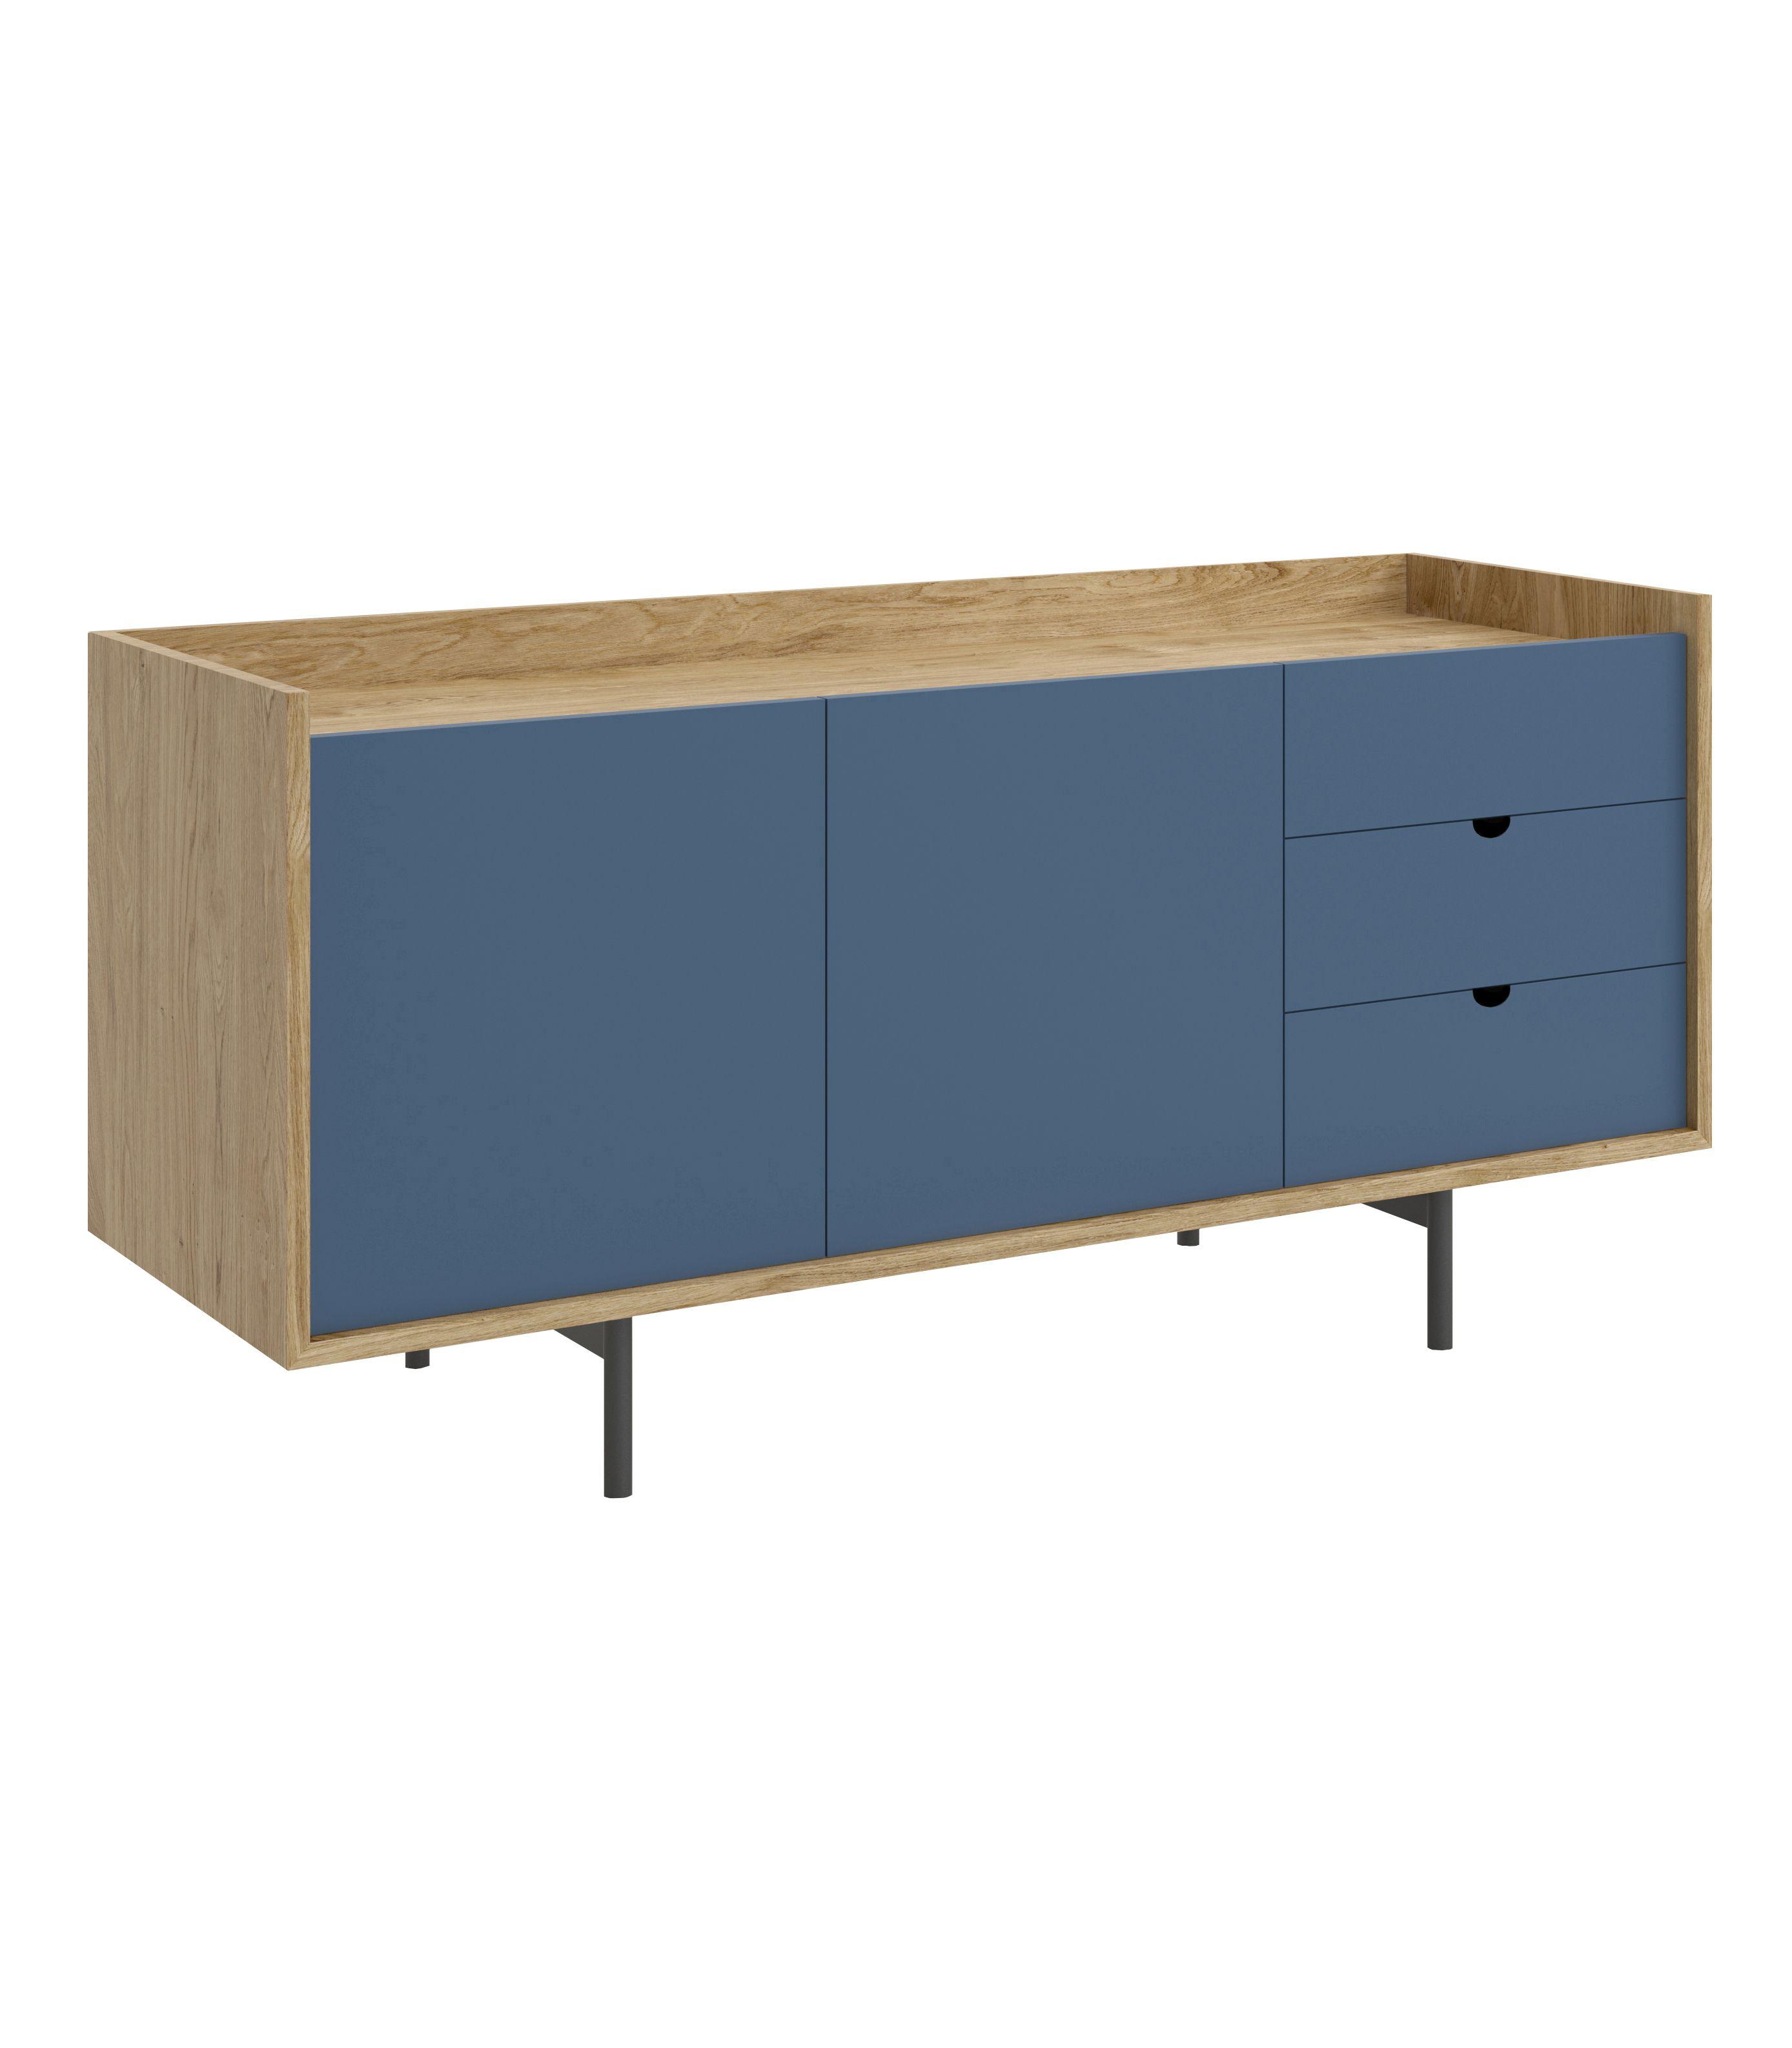 niebieska szafka w stylu skandynawskim